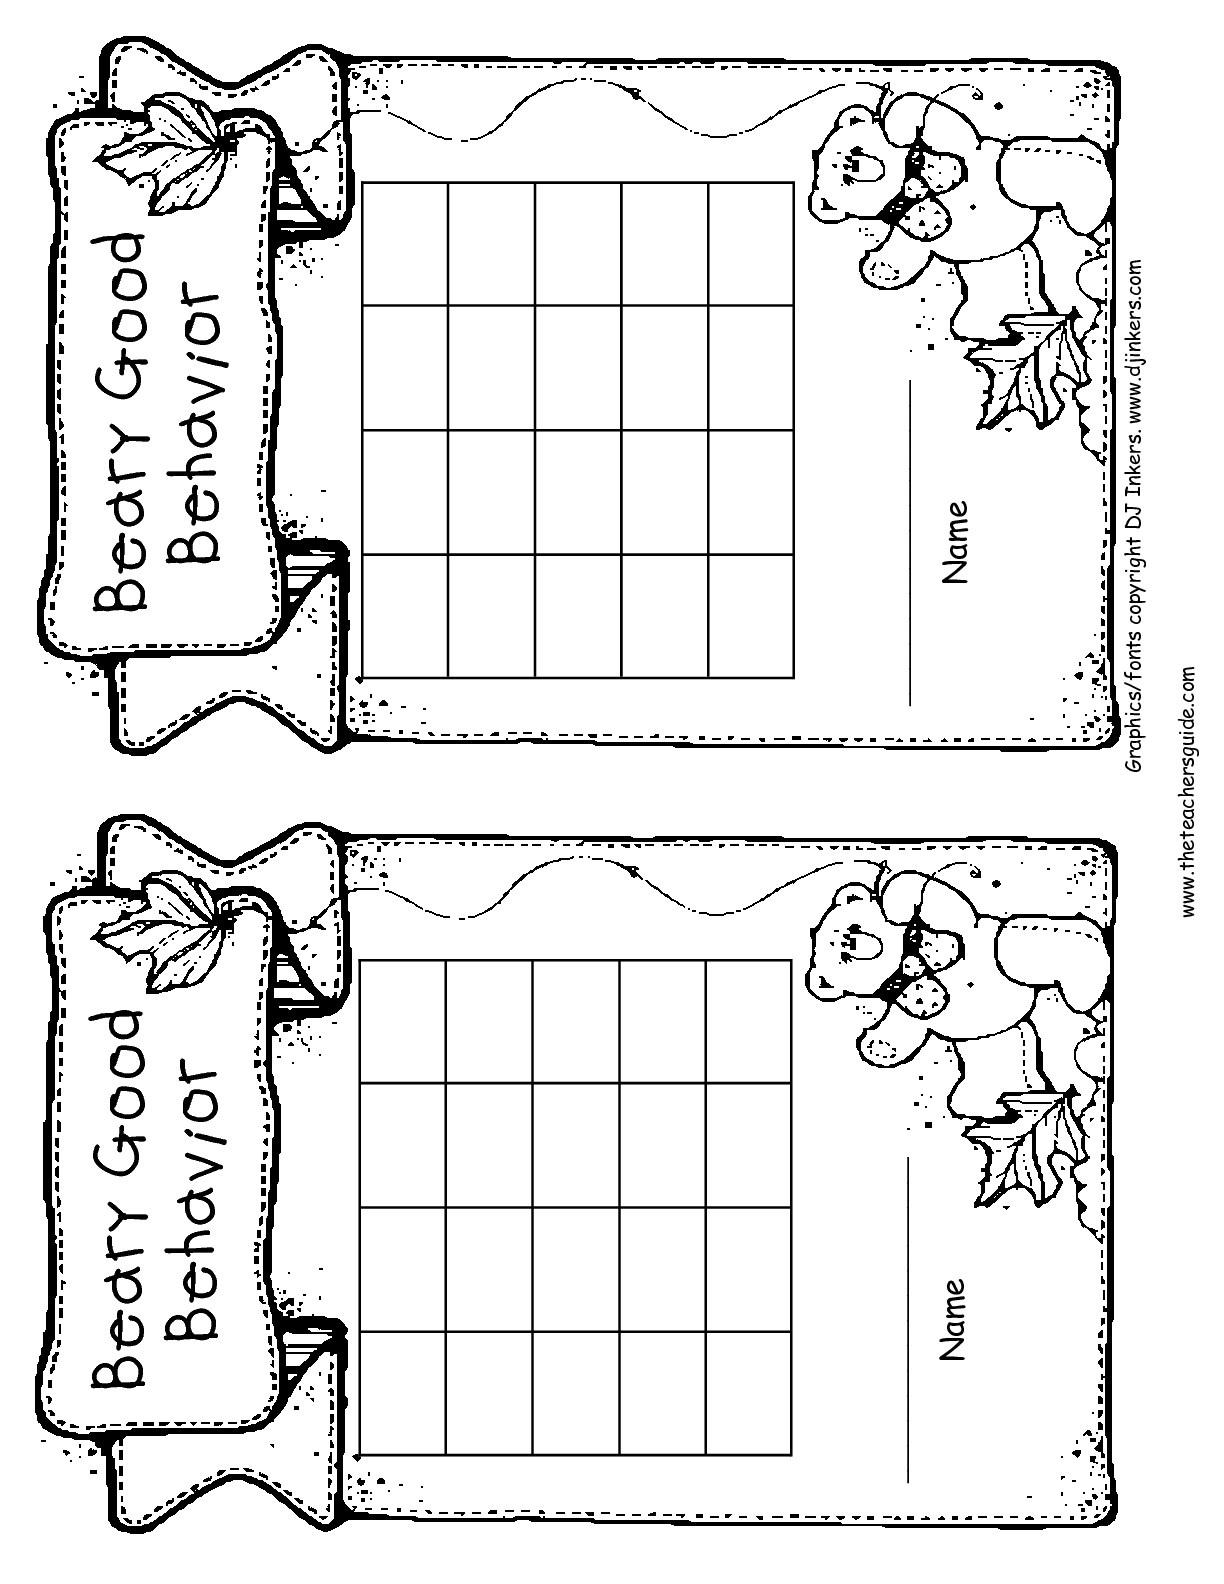 Free Printable Reward And Incentive Charts - Free Printable Incentive Charts For Teachers